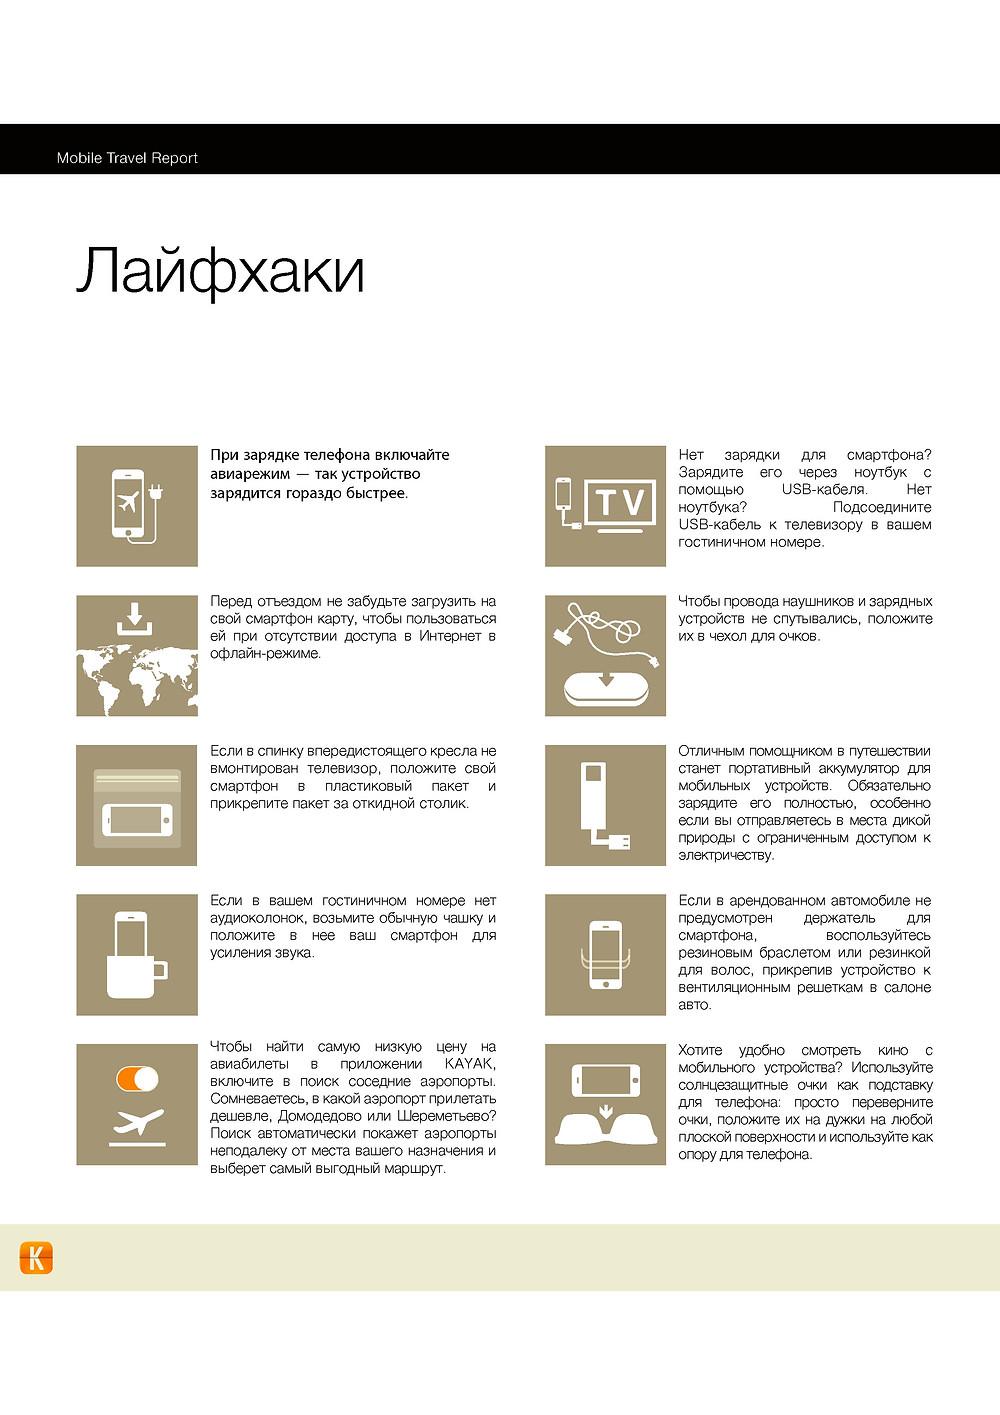 MobileTravelReport_Инфографика-27.jpg